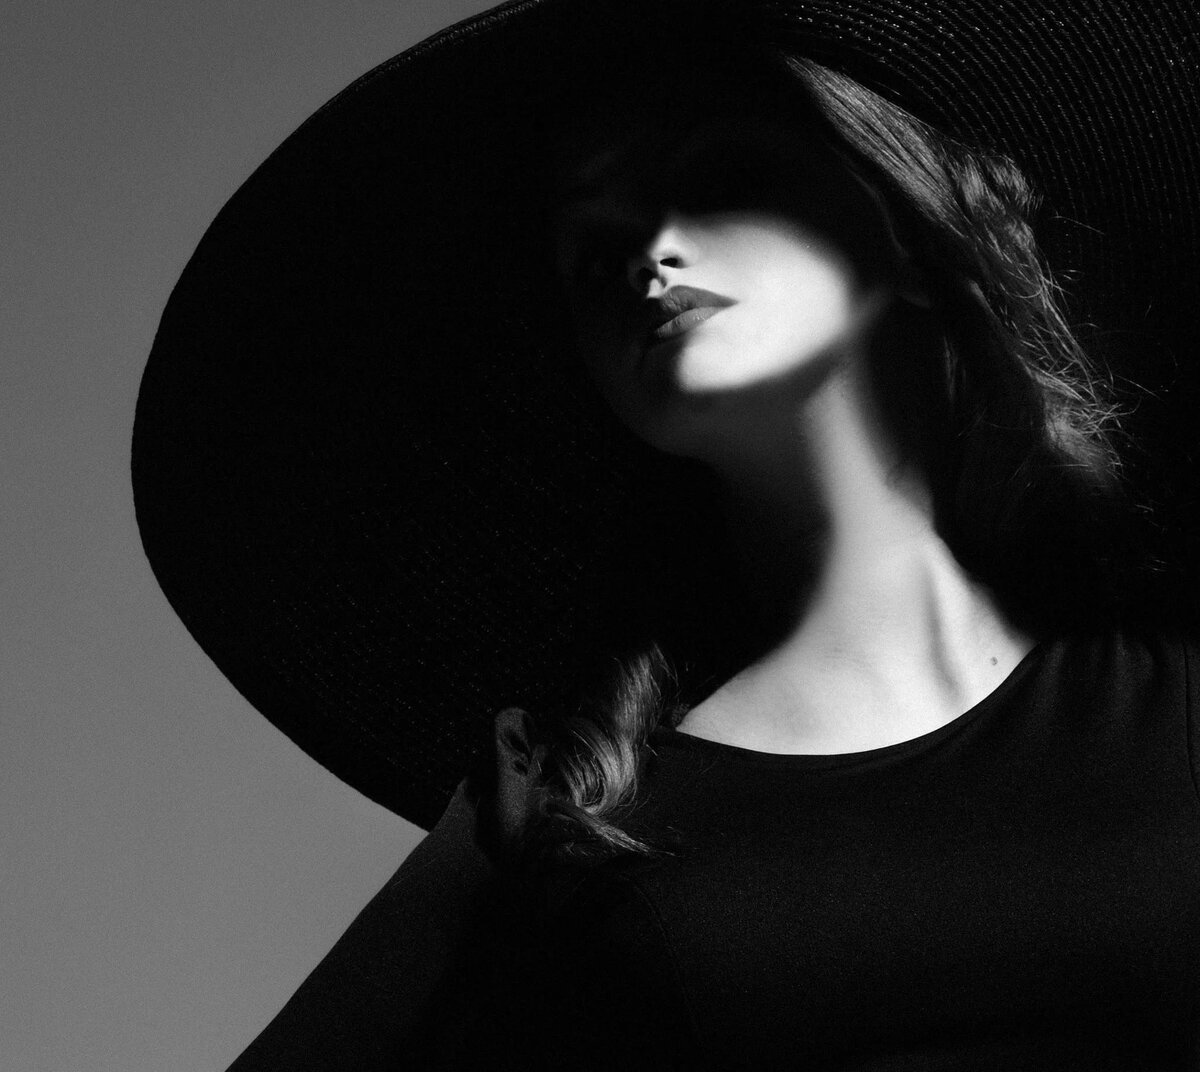 Девушка в шляпе картинки черно белые, летним юбилеем для